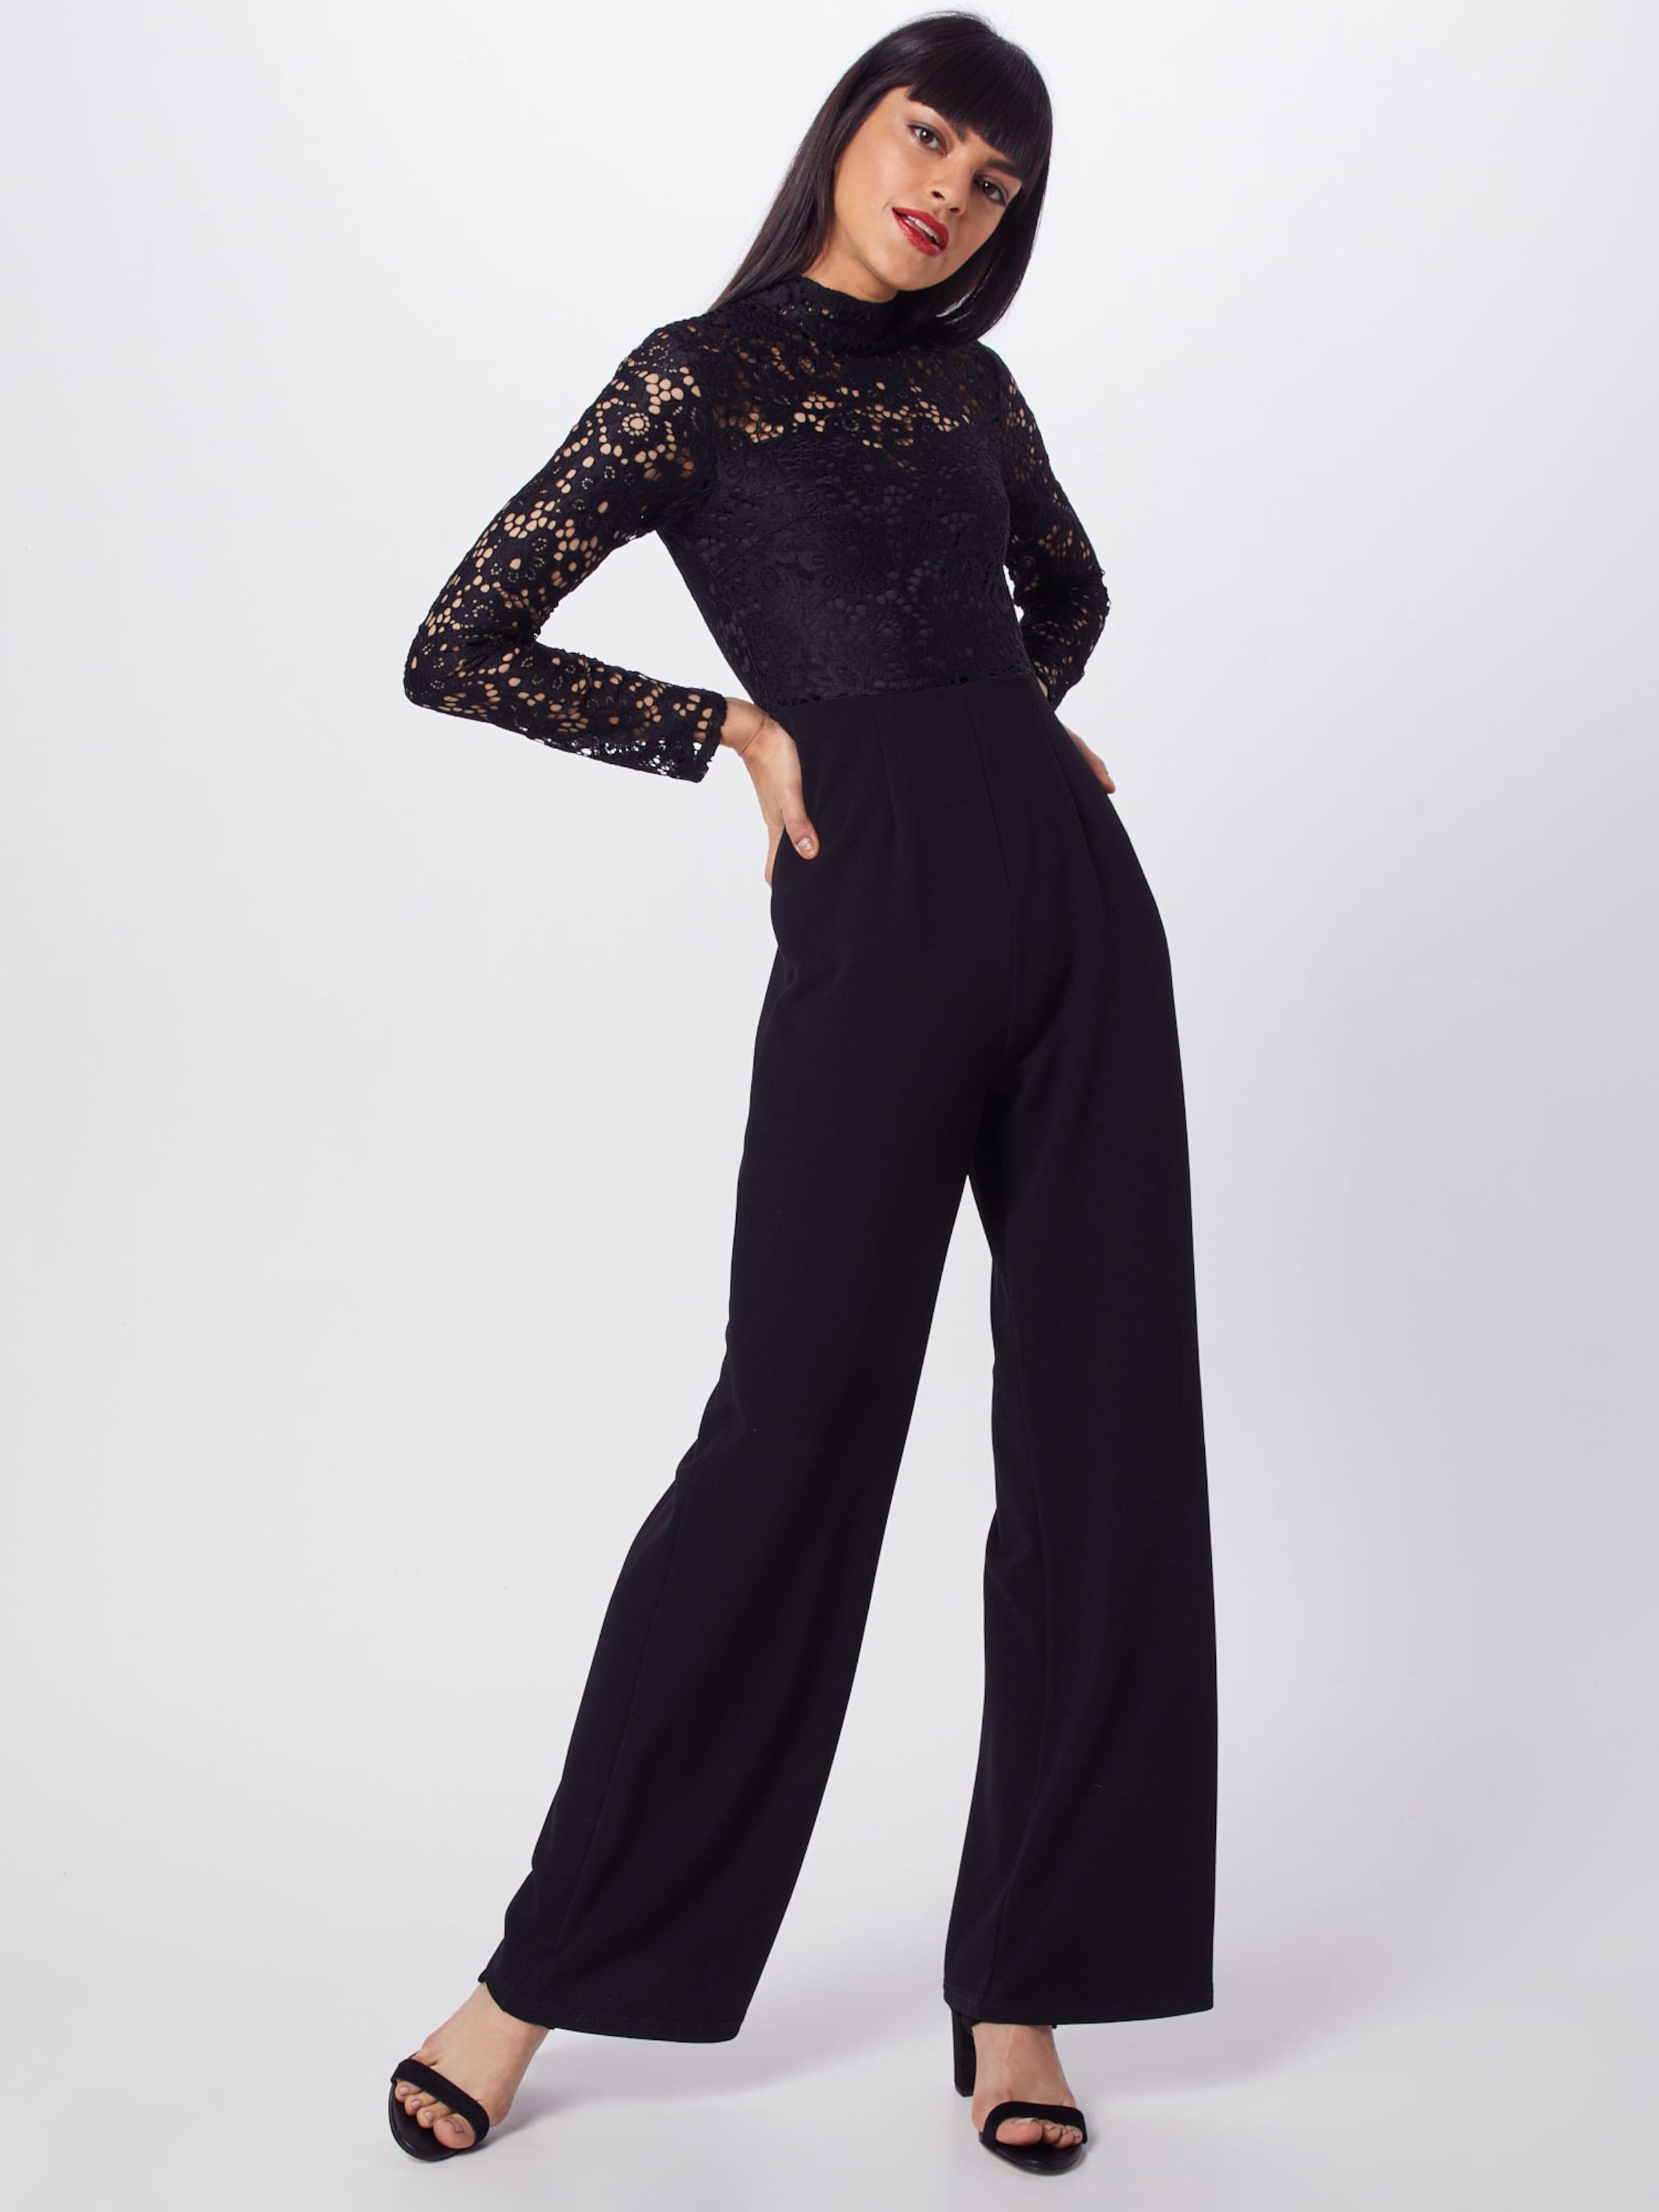 Jumpsuit' Missguided En Long Sleeved Top Noir 'lace Combinaison 3ALq5j4cR